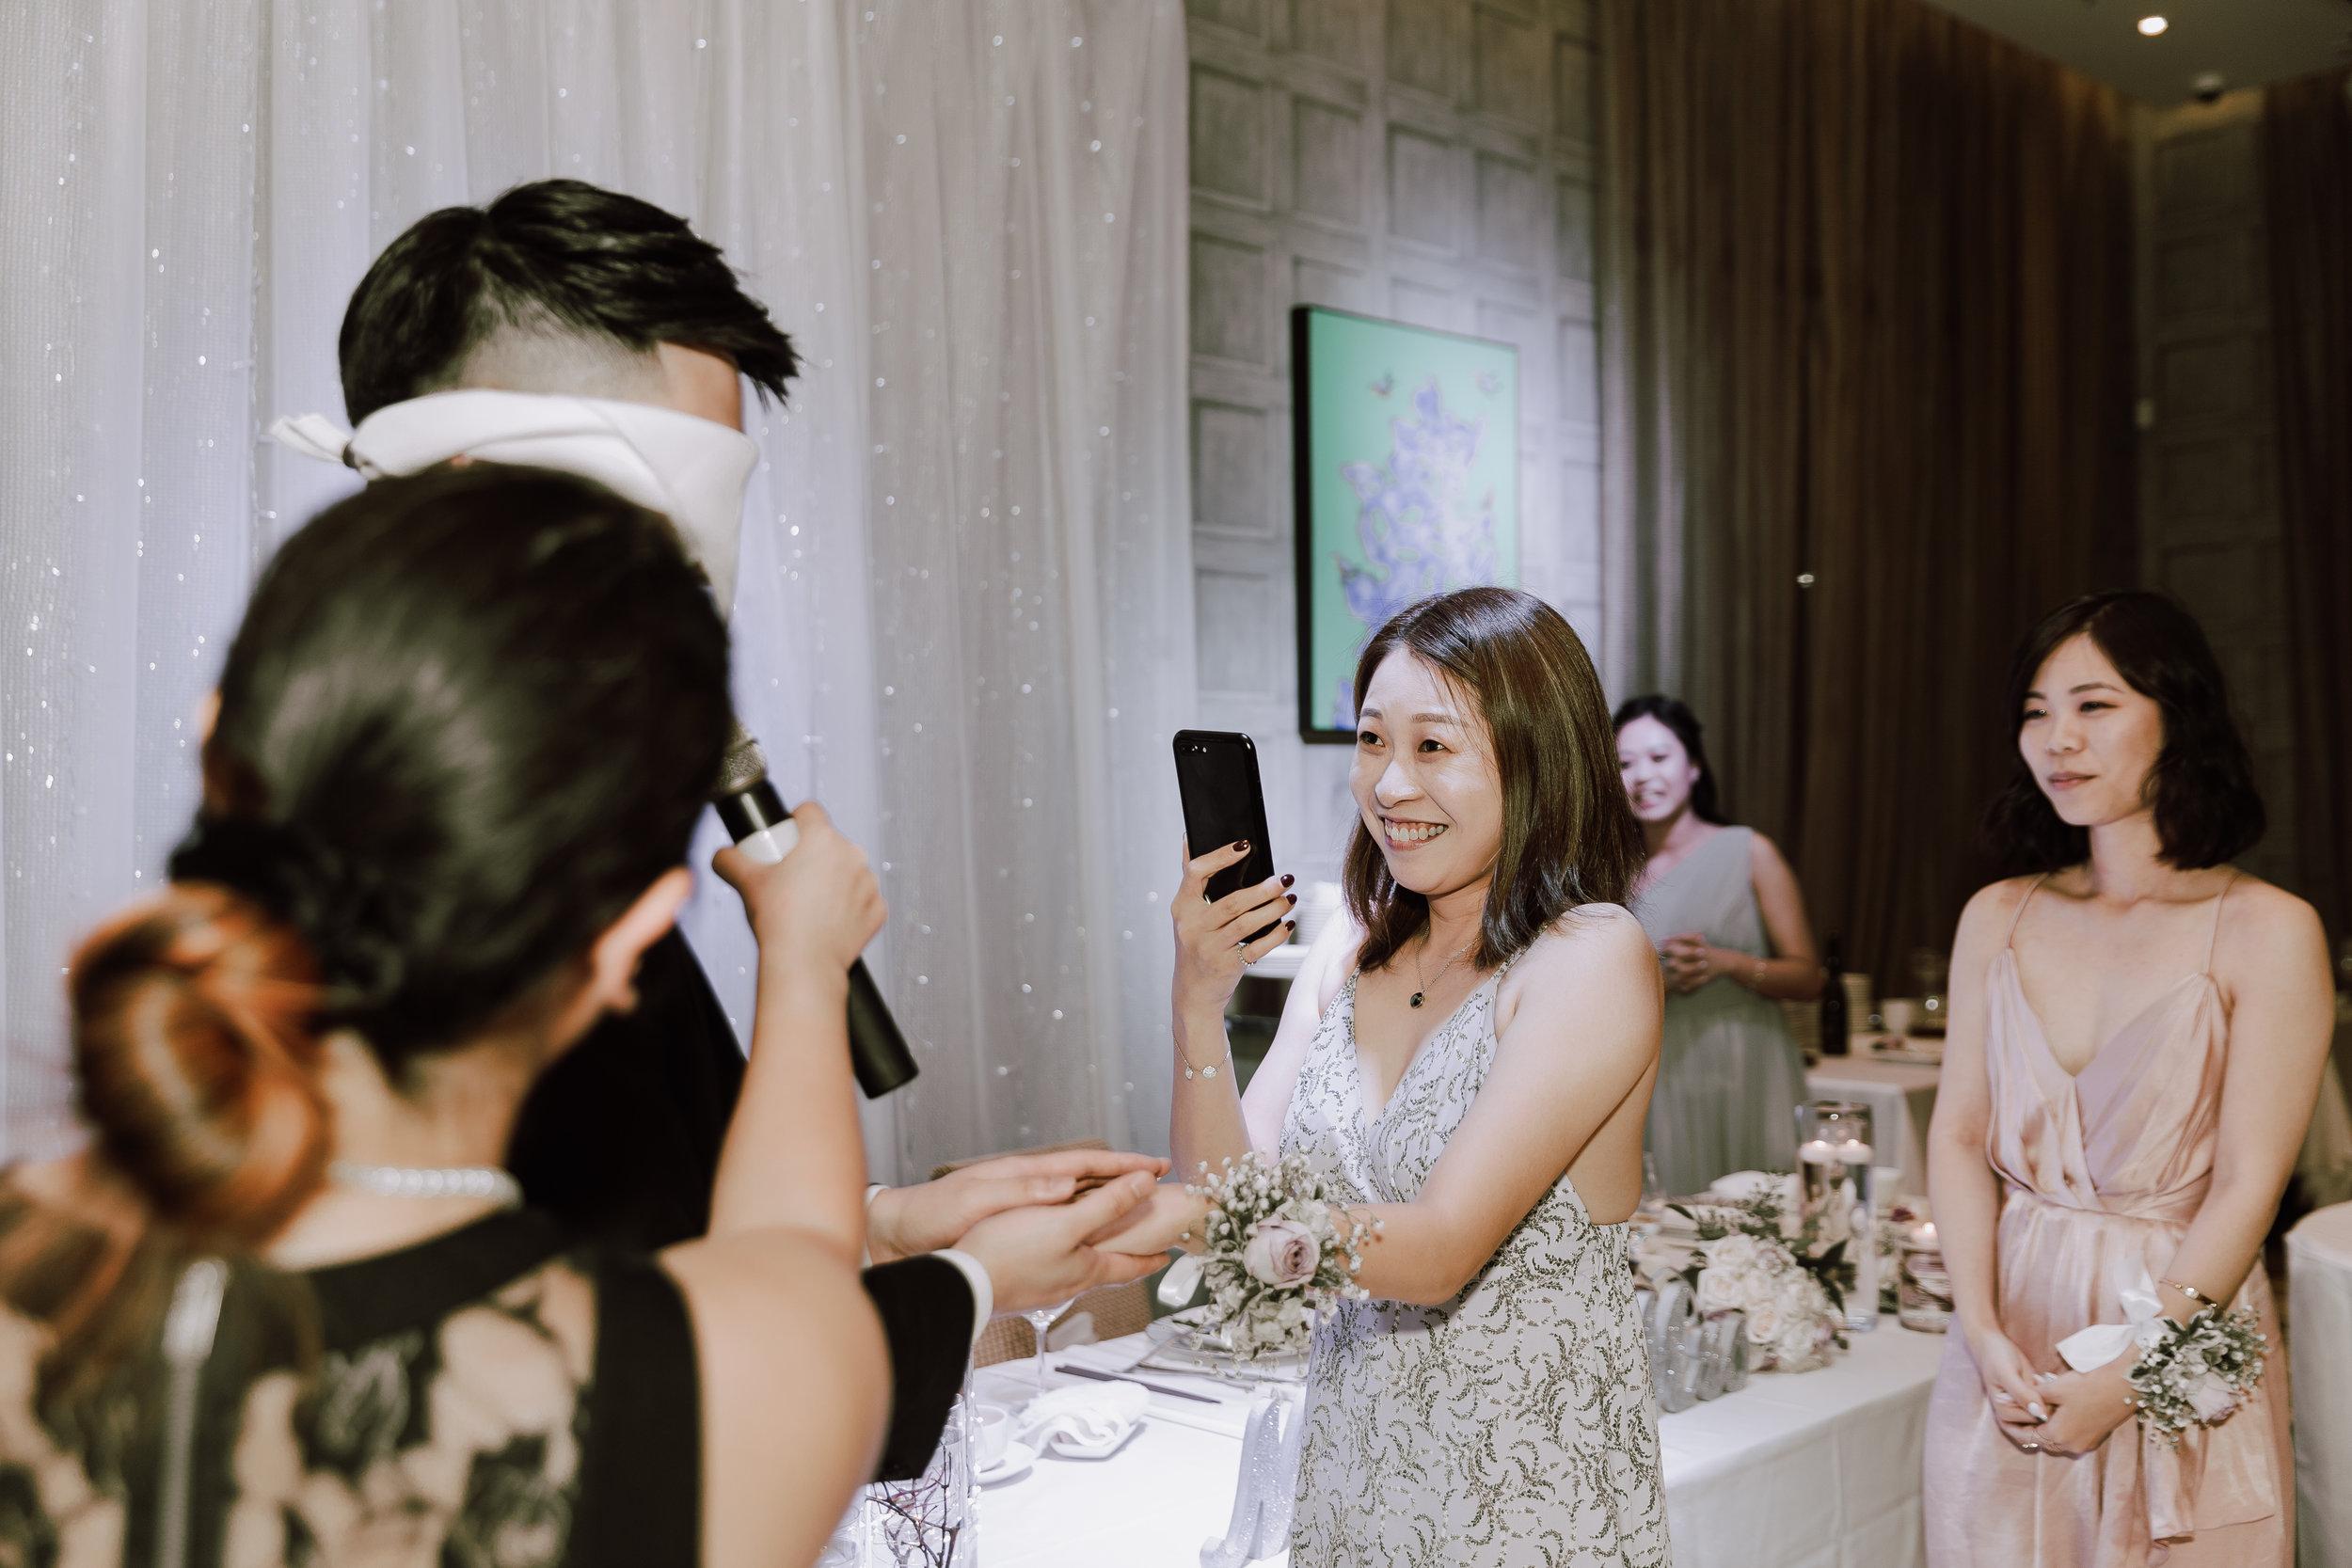 Wedding 090818-261.jpg